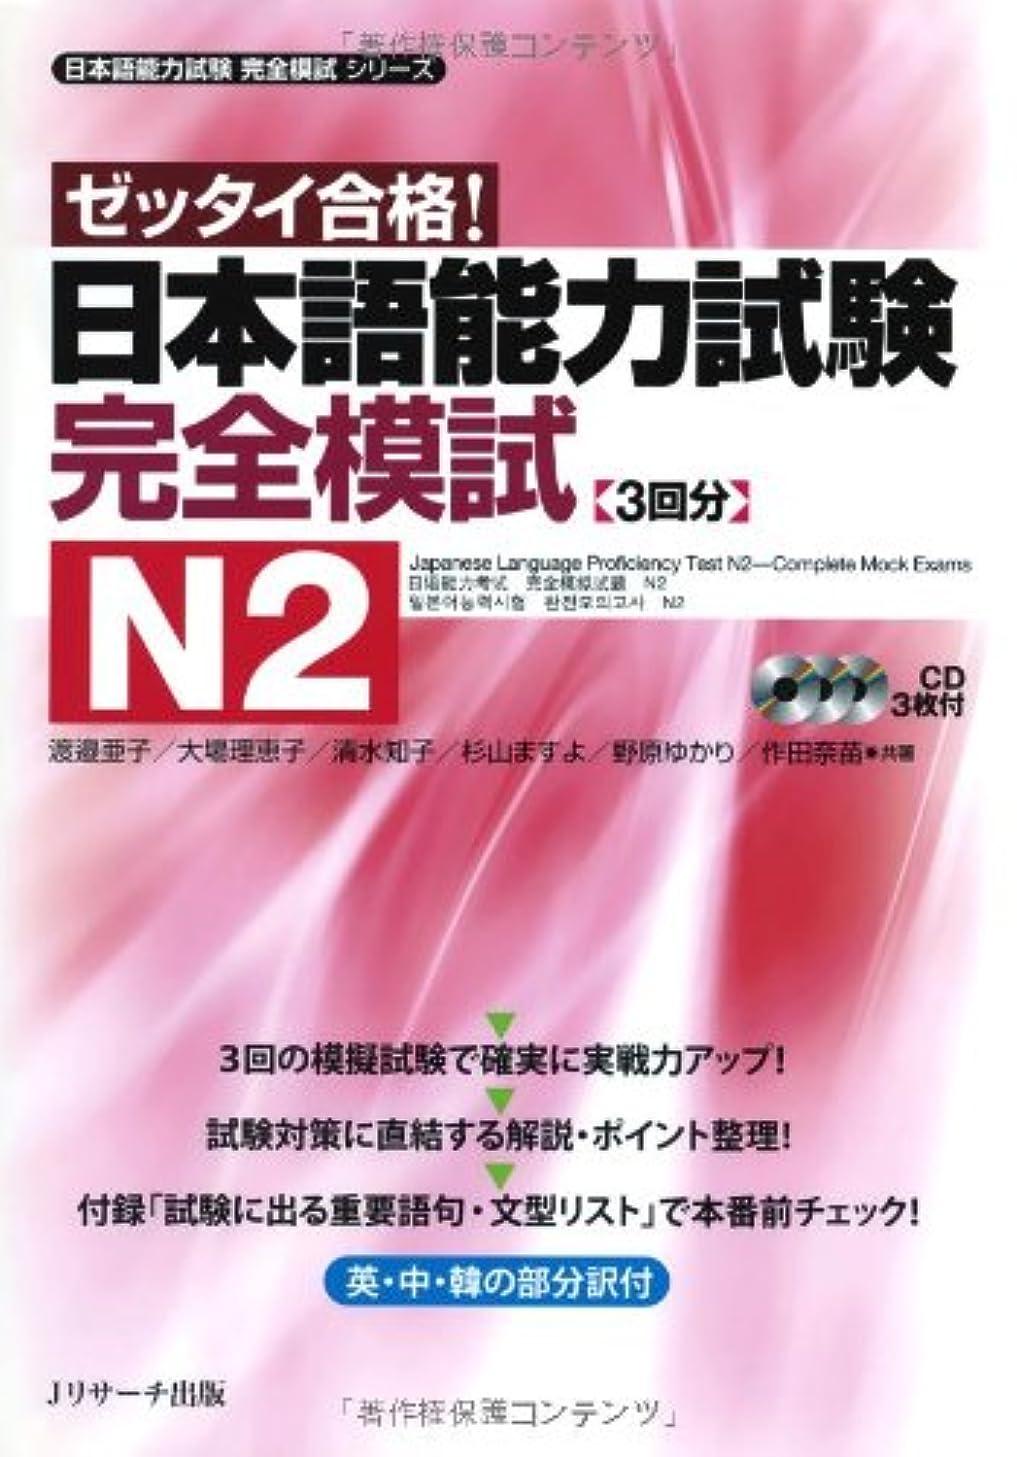 考古学的なぞっとするようなお茶日本語能力試験 完全模試N2 (日本語能力試験完全模試シリーズ)